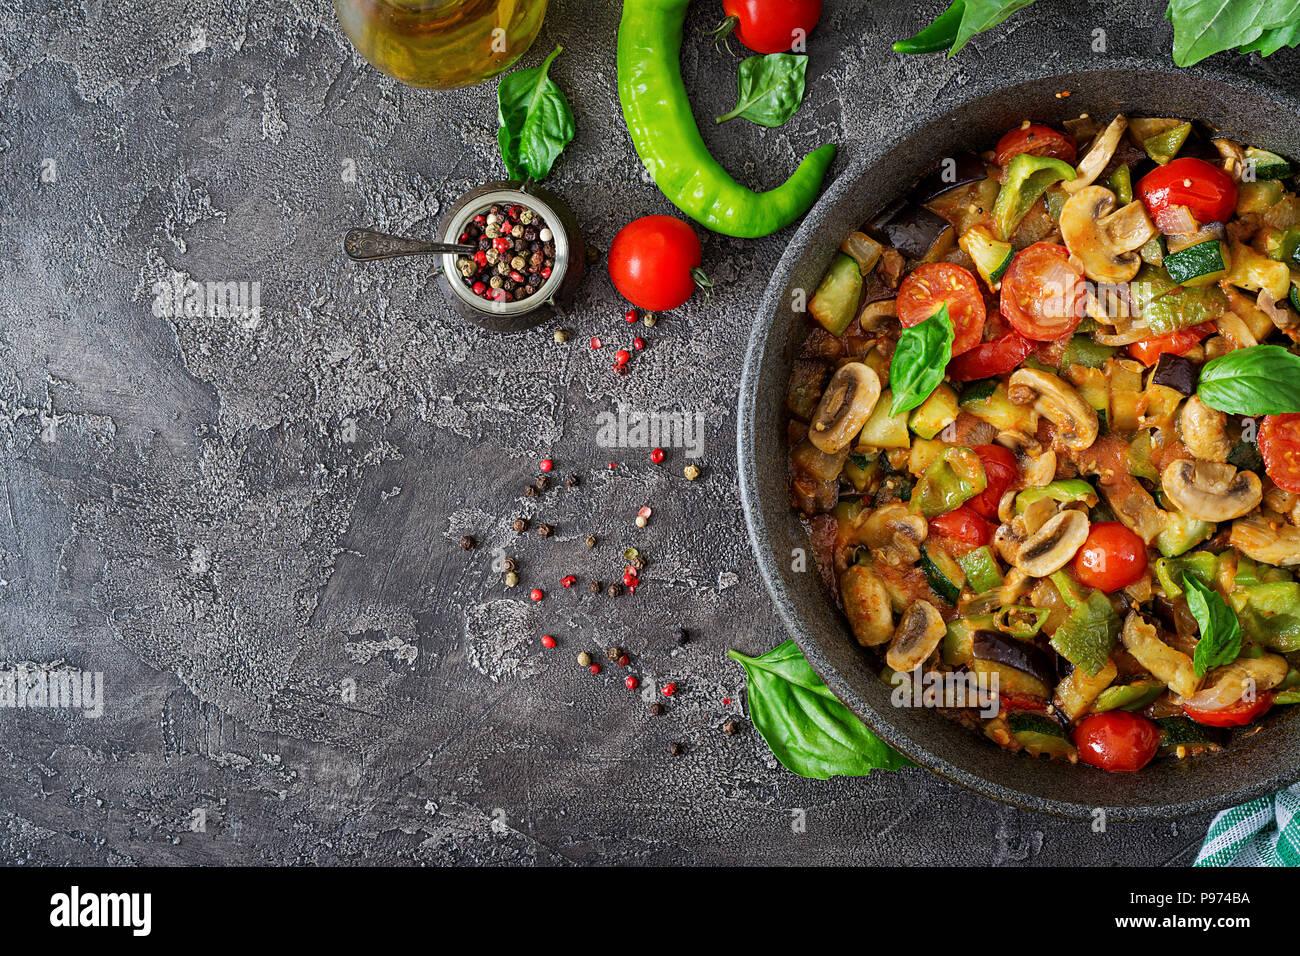 Petites aubergines ragoût épicé, poivrons, tomates, courgettes et champignons. Mise à plat. Vue d'en haut Photo Stock